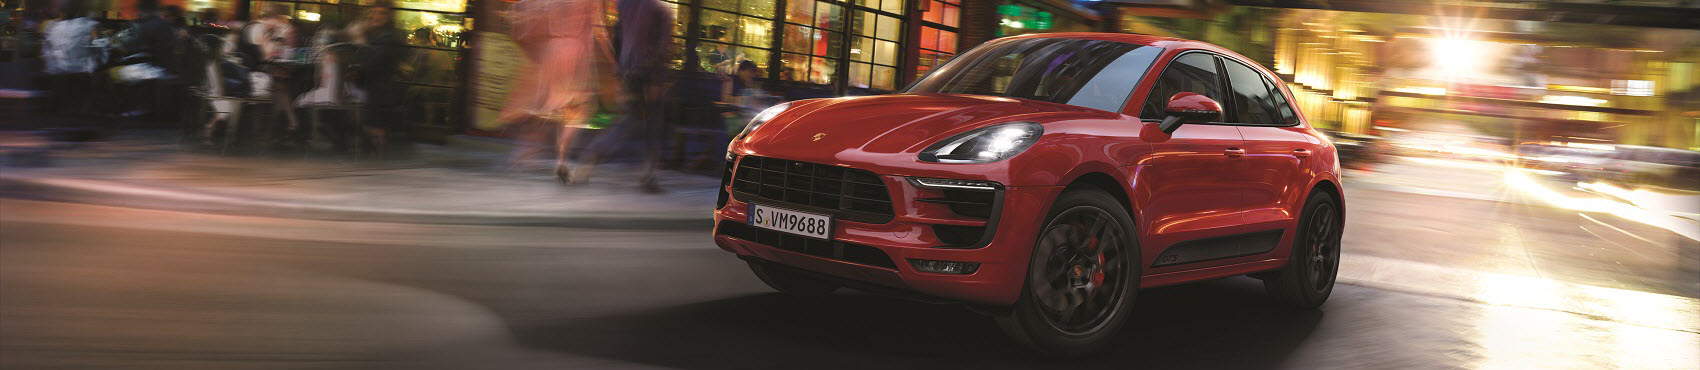 Porsche Macan GTS Red